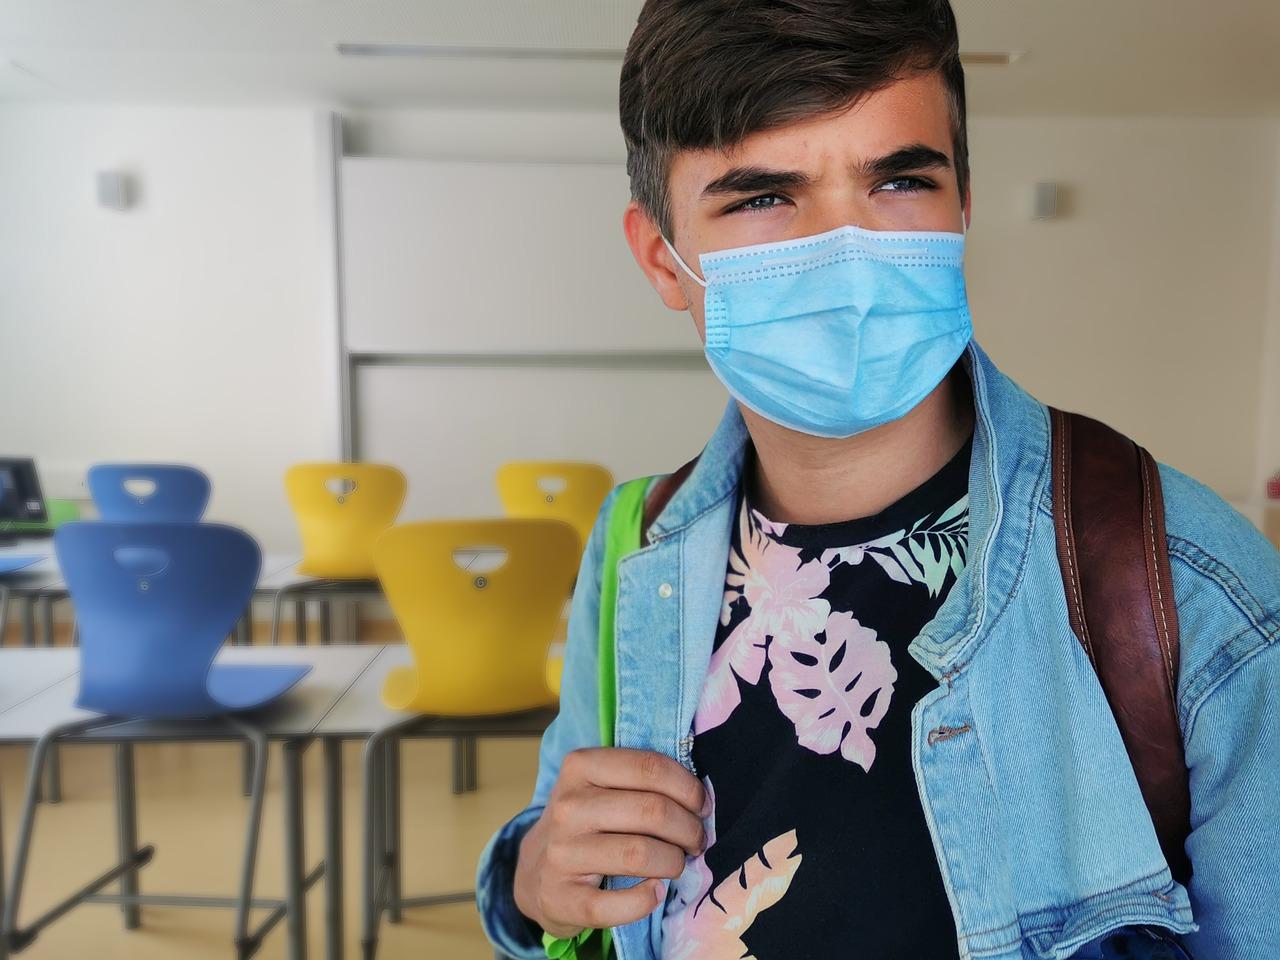 Ko se bodo šole ponovno odprle, brez obraznih zaščitnih mask zagotovo ne bo šlo. Ali si lahko takrat obetamo nove upore? Ali bodo tudi maske sprejete, samo, da so otroci v šoli?